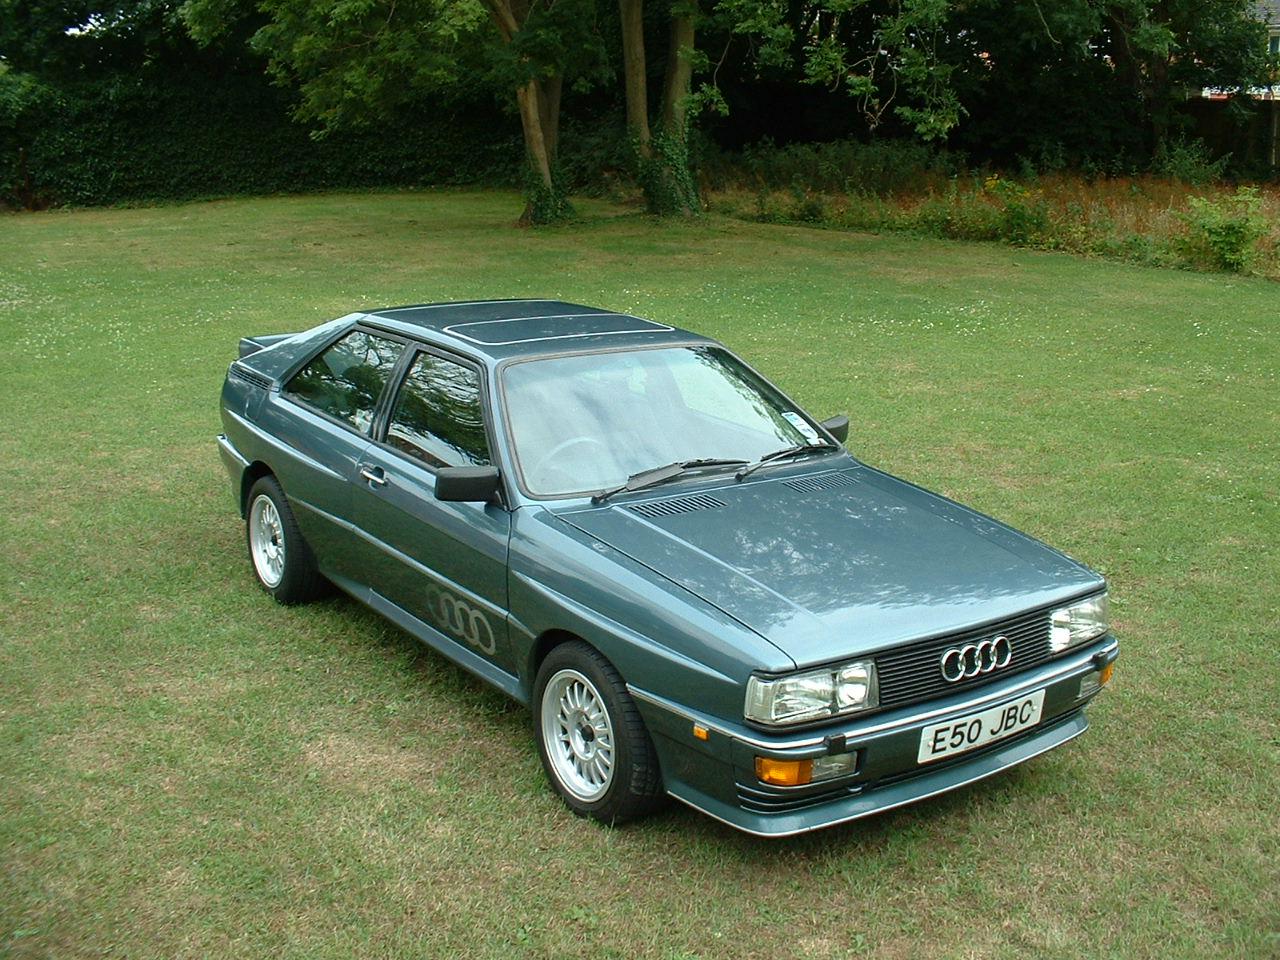 Kelebihan Kekurangan Audi 1980 Top Model Tahun Ini